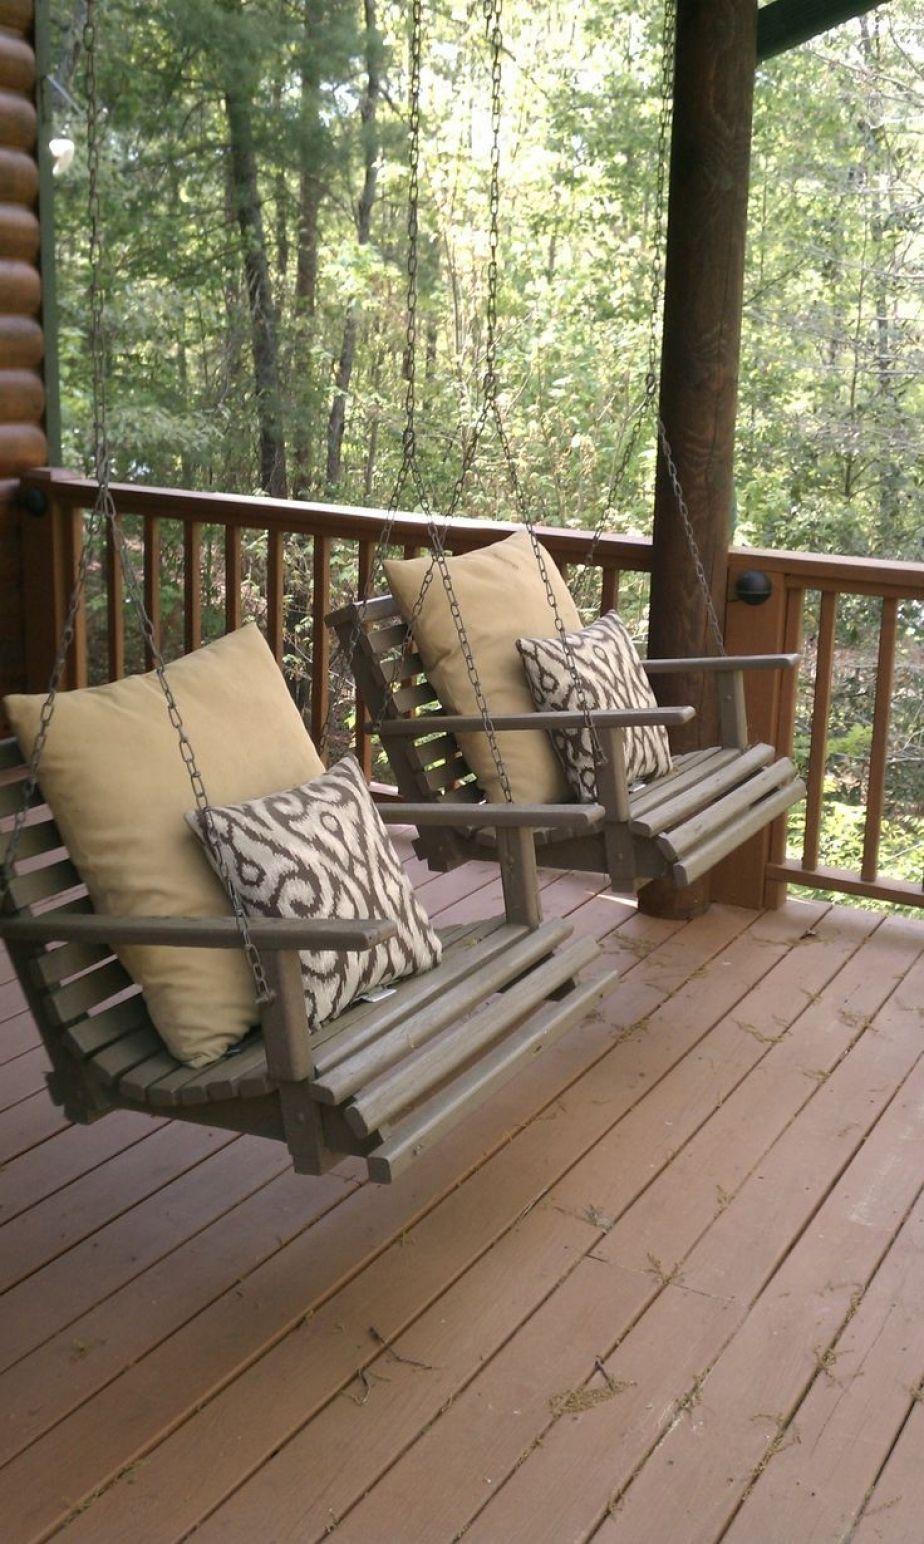 Terrace Design Living In Magic So Minimalist Design 123 Topics In The Magic Front Porch Into The Living Dekorasi Rumah Pedesaan Ide Dekorasi Rumah Desain Patio